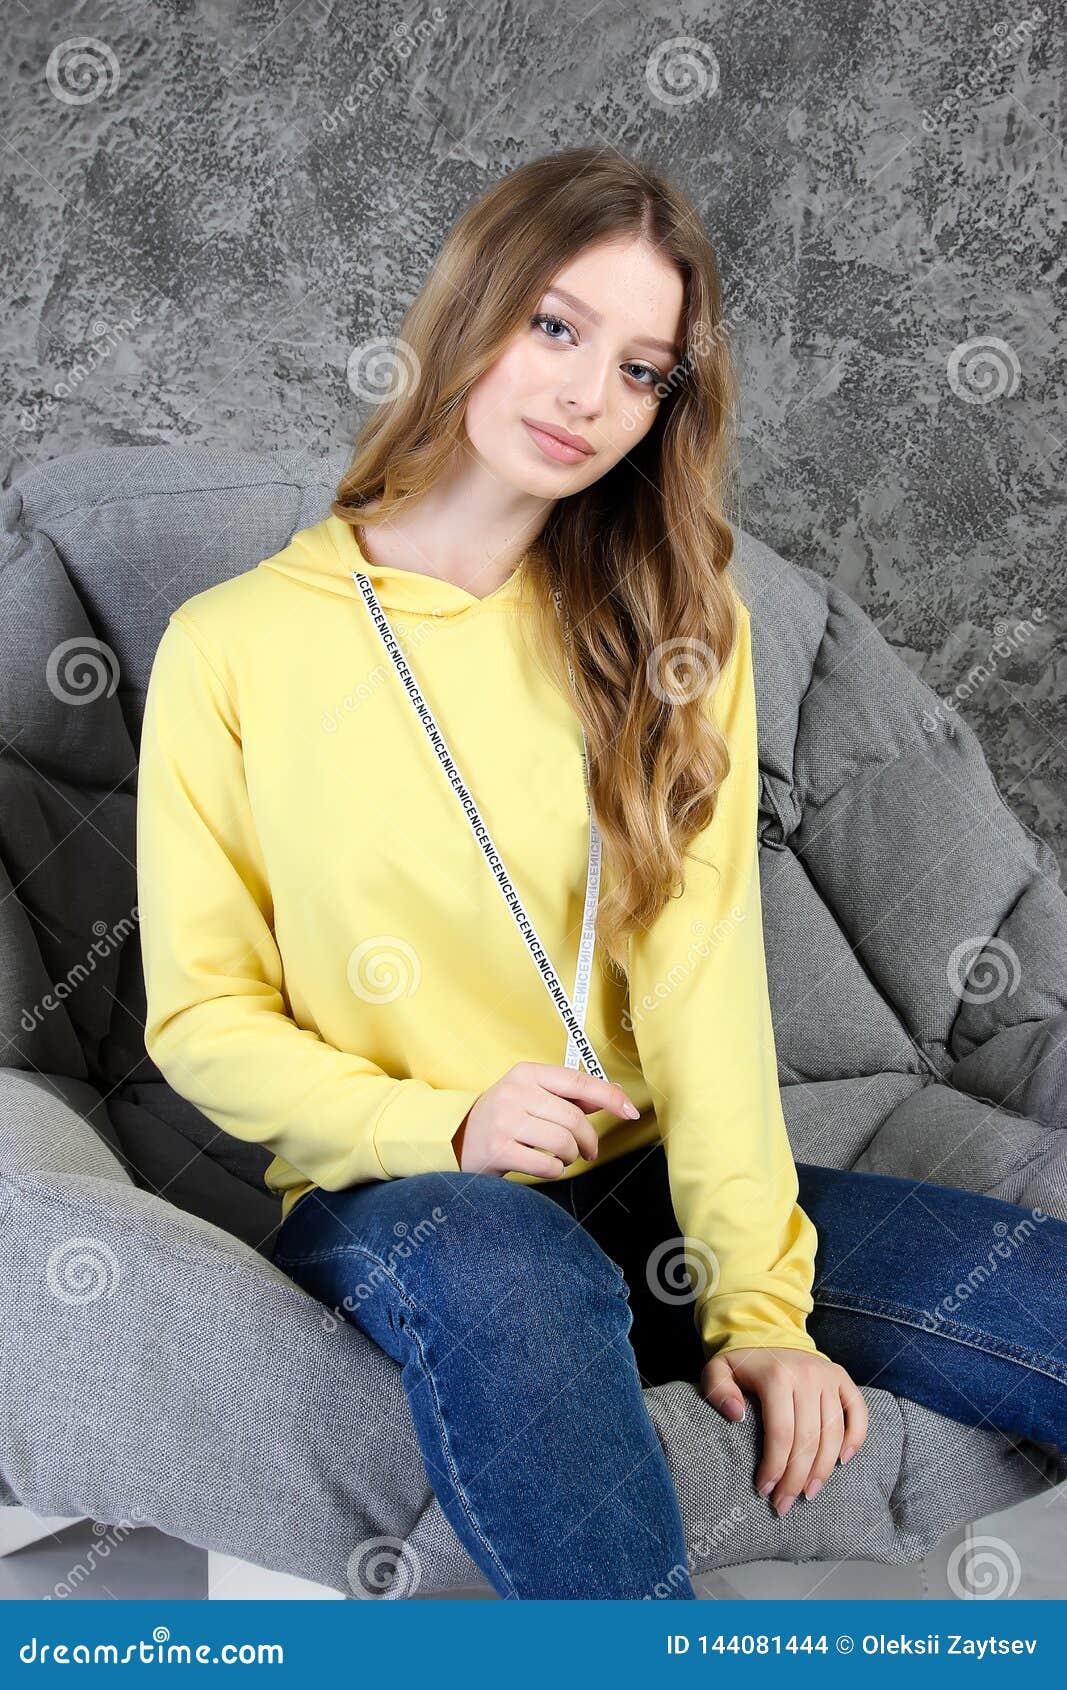 Το νέο κορίτσι σε μια φόρμα γυμναστικής κάθεται σε ένα μοντέρνο εσωτερικό